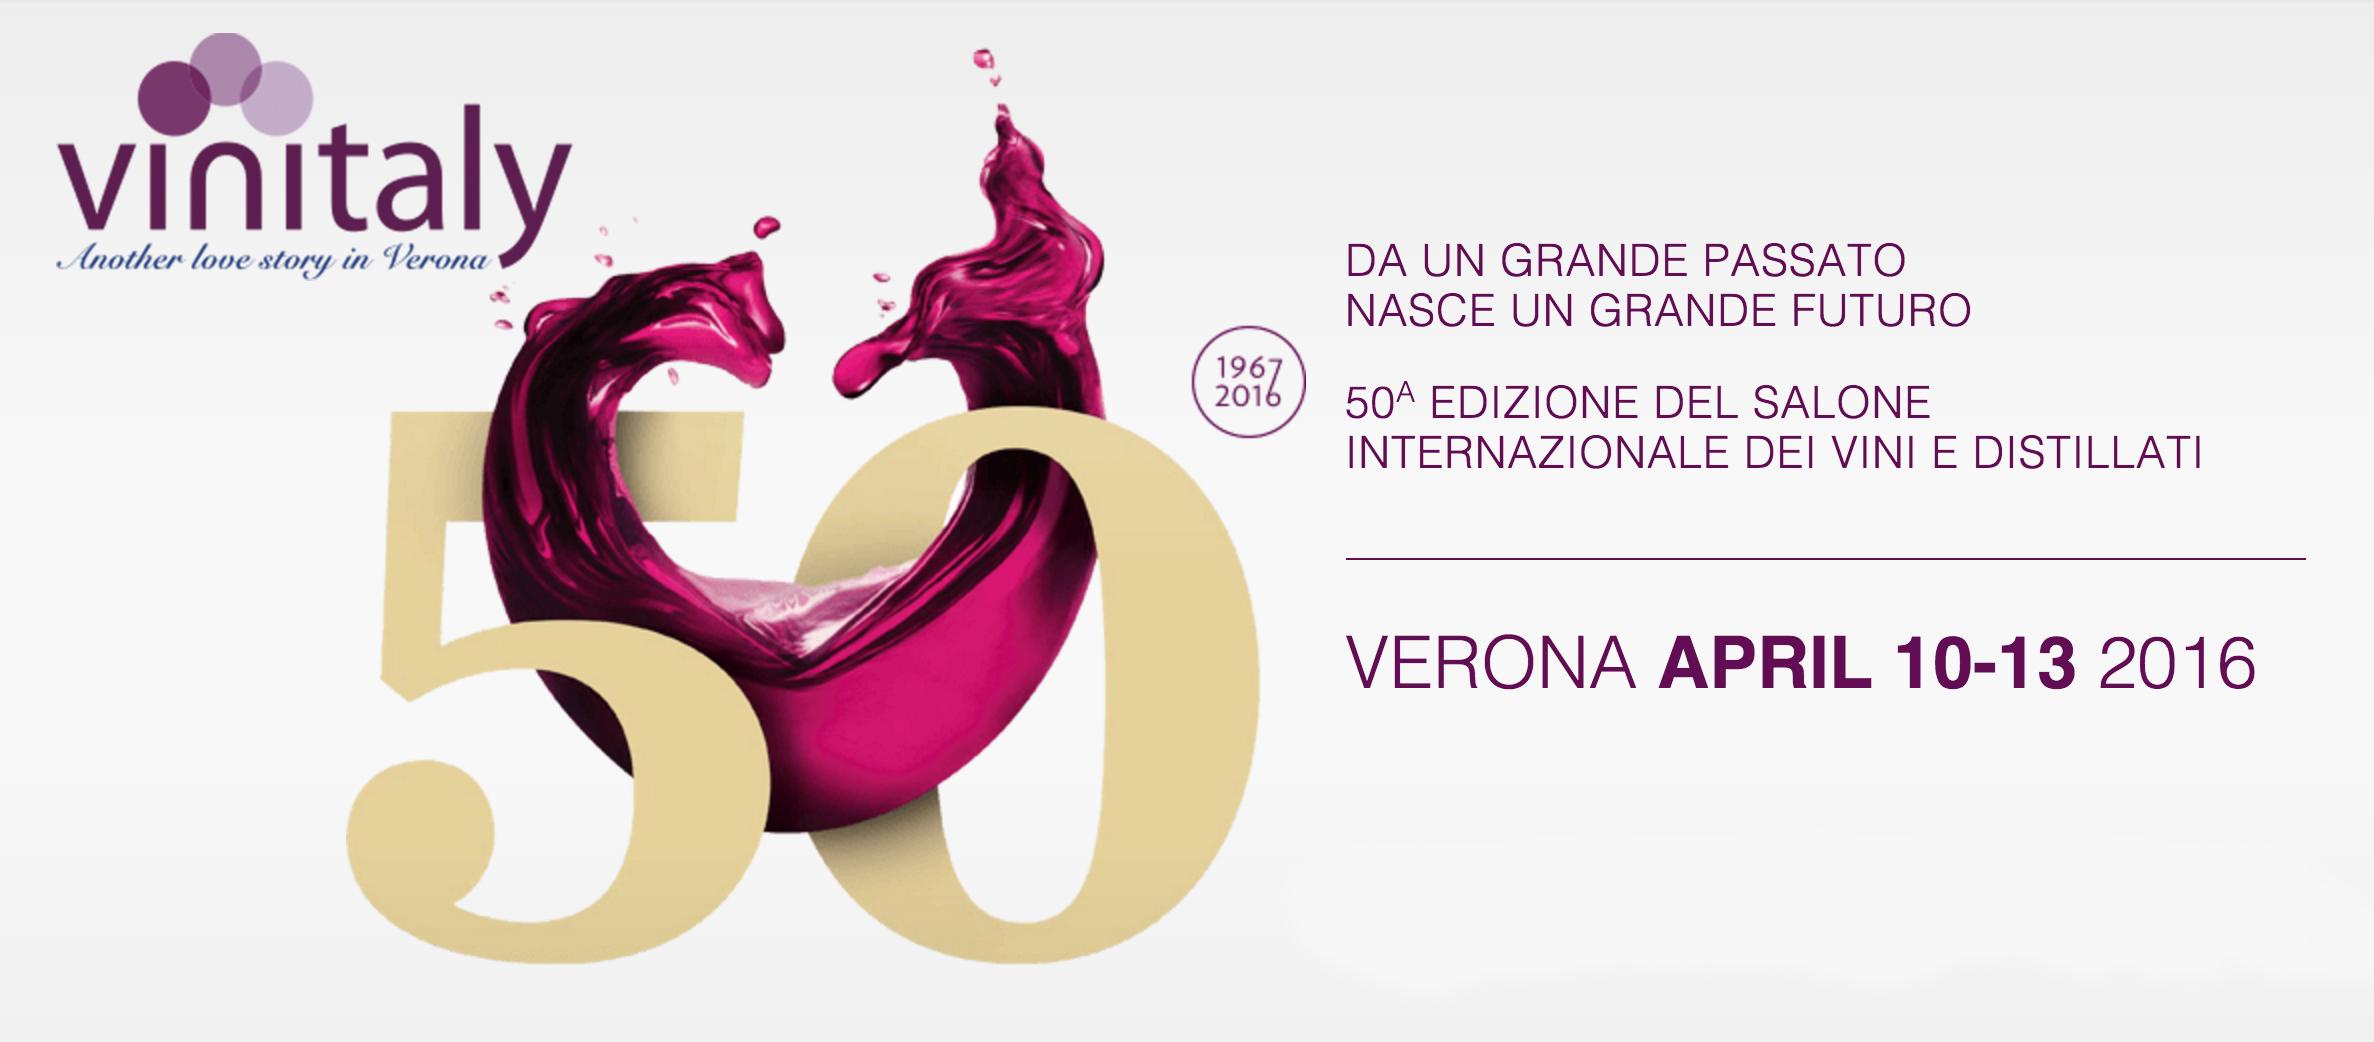 Prezzi biglietti Vinitaly 2016